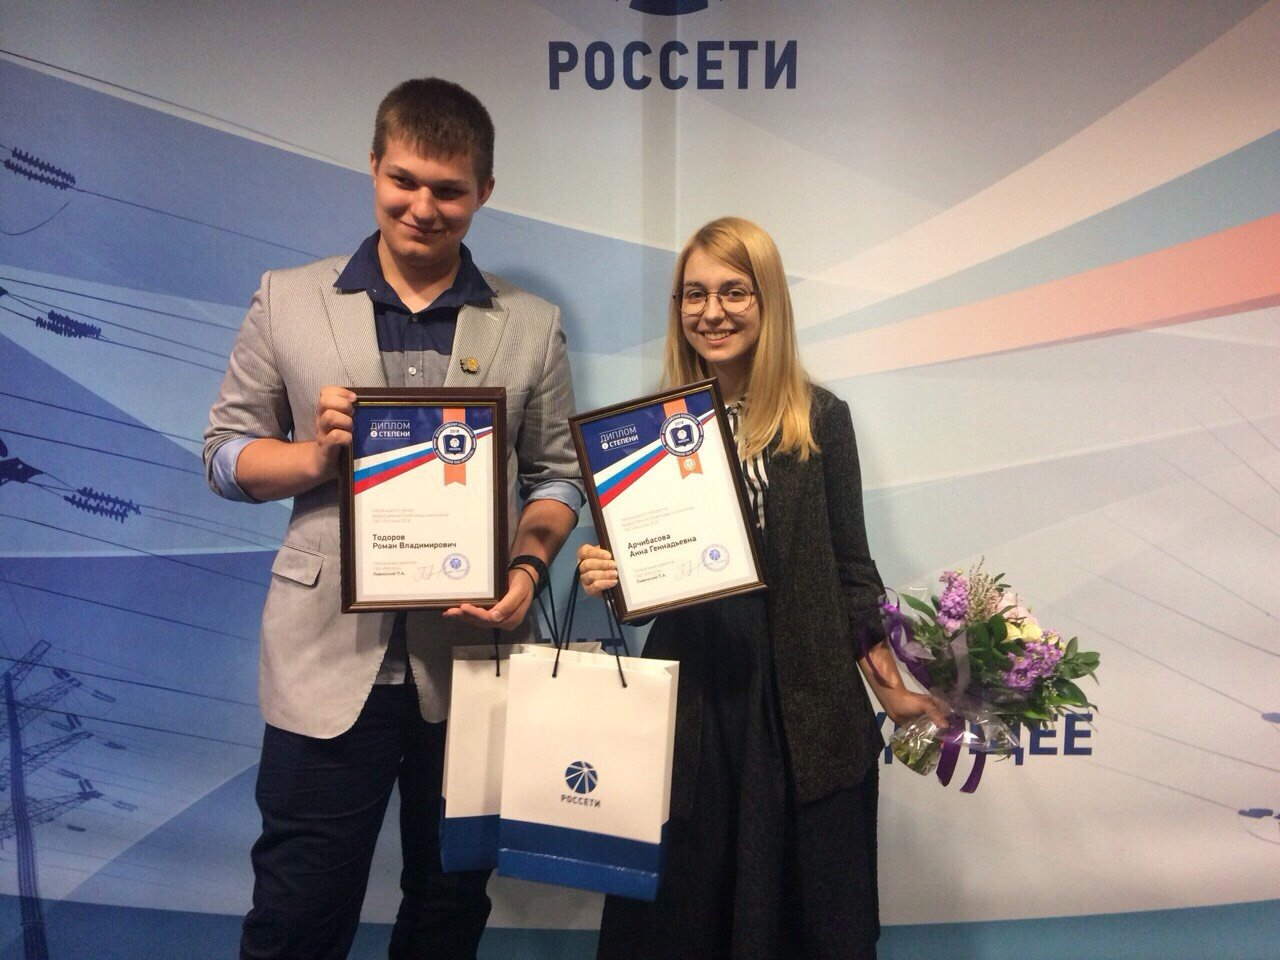 Белгородские старшеклассники вошли в число победителей Всероссийской олимпиады школьников «Россети», фото-1